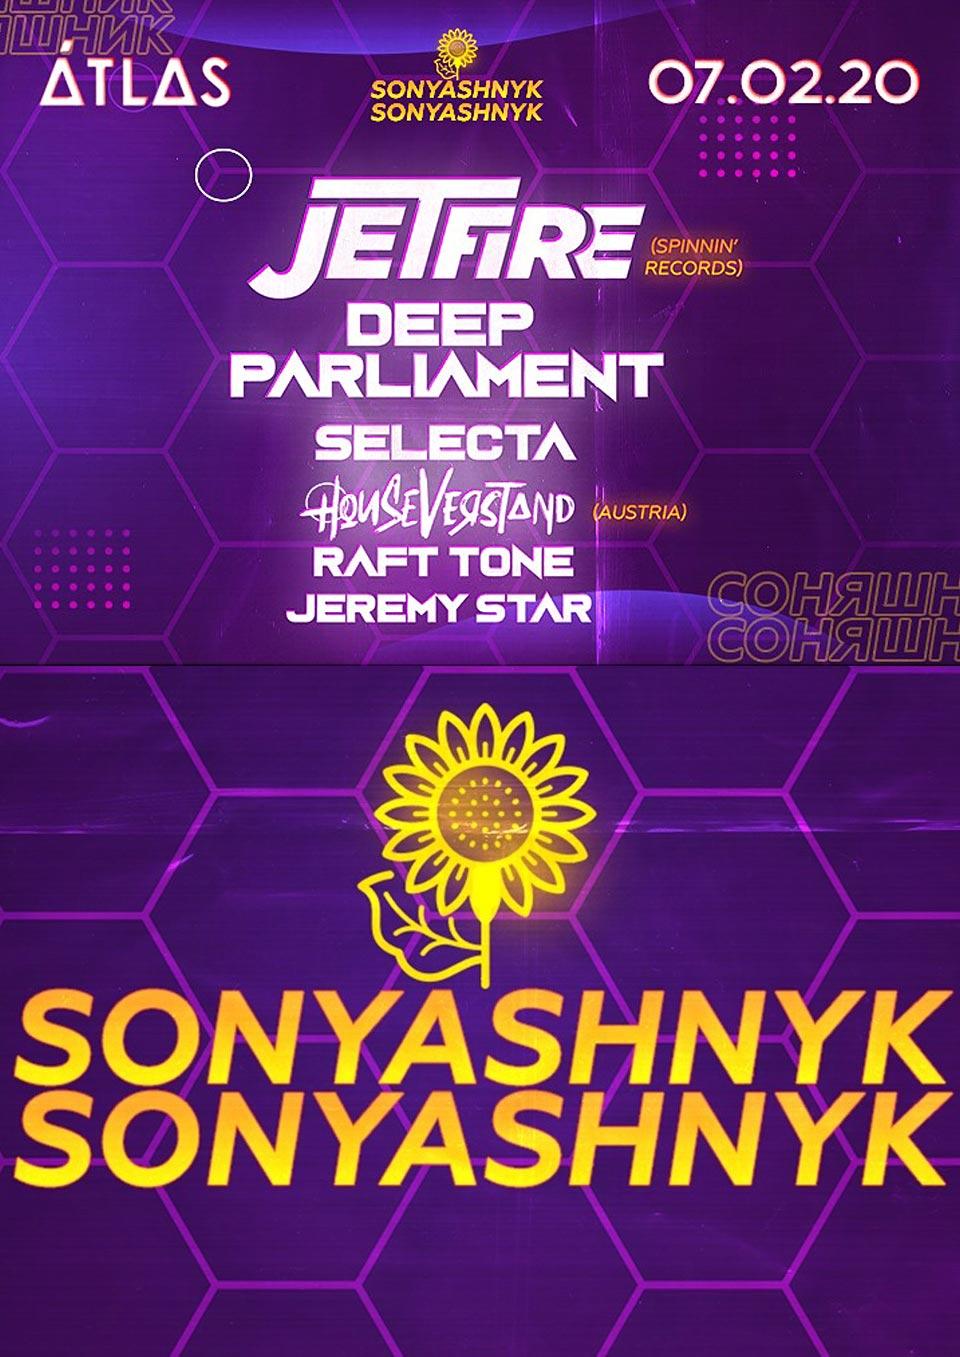 Sonyashnyk